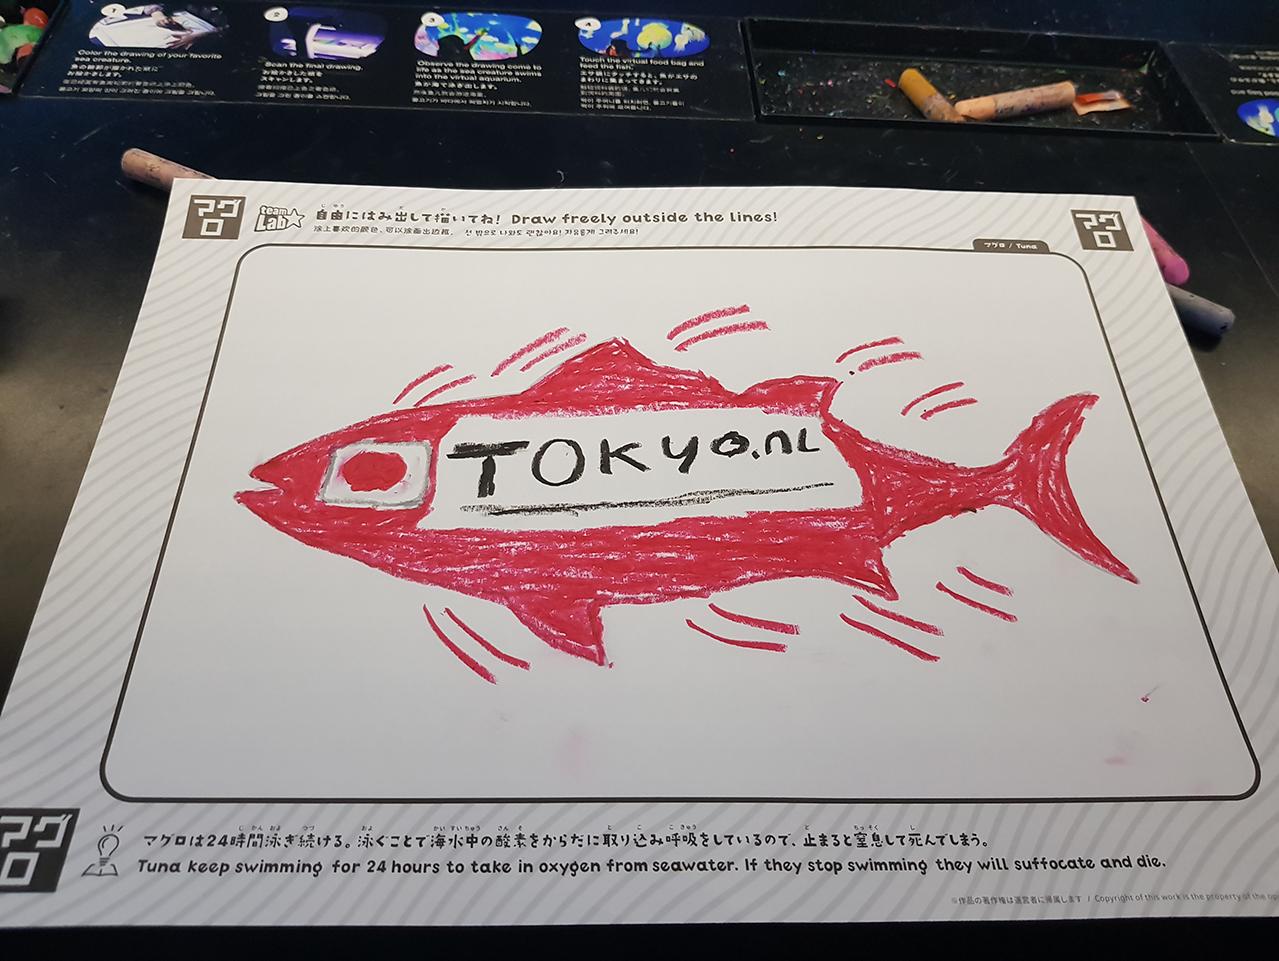 Vis met logo Tokyo.nl in Teamlab museum